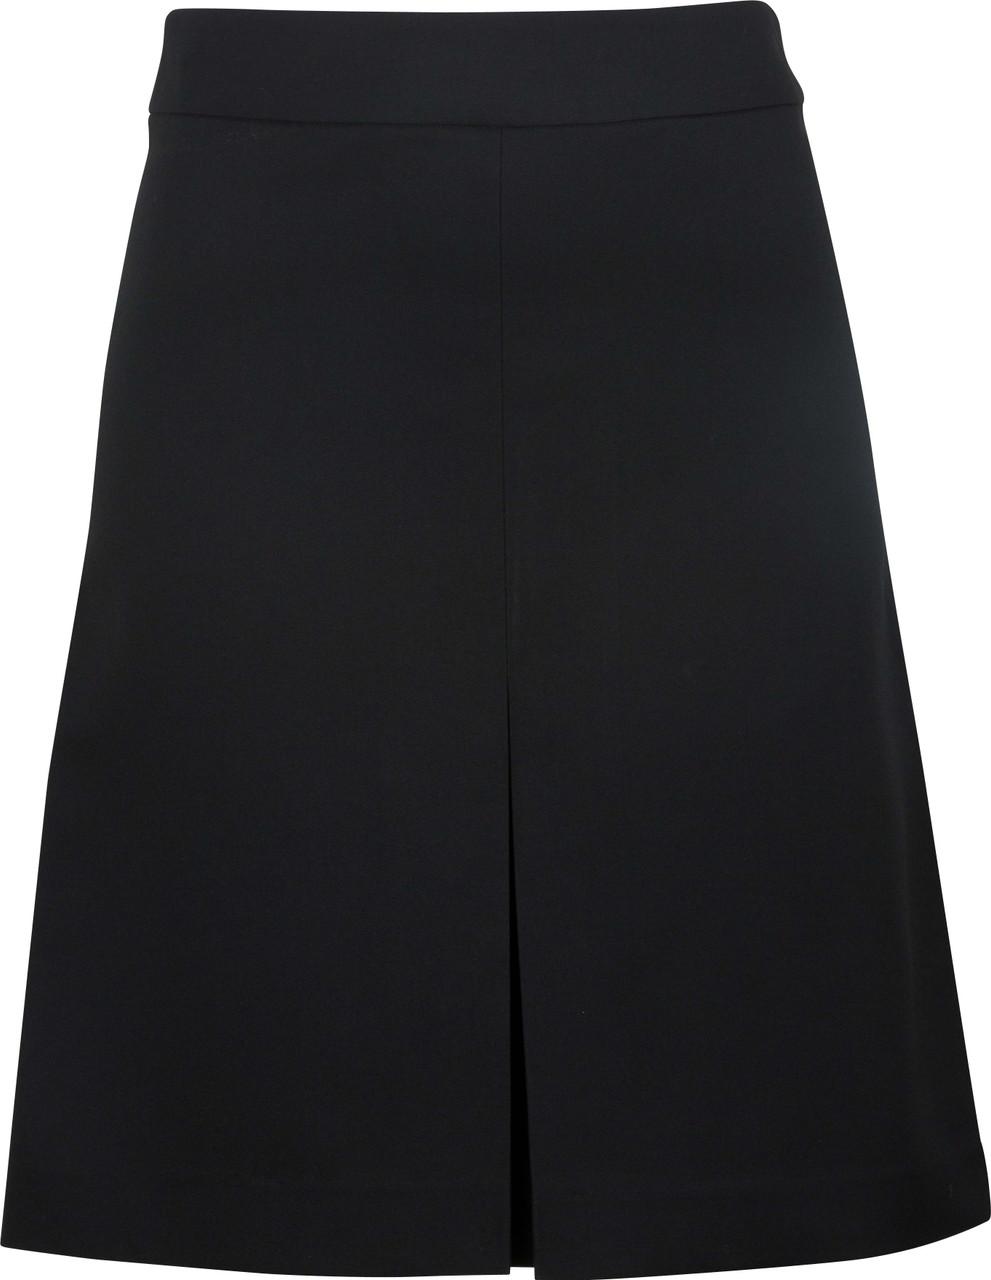 Synergy A-Line Skirt